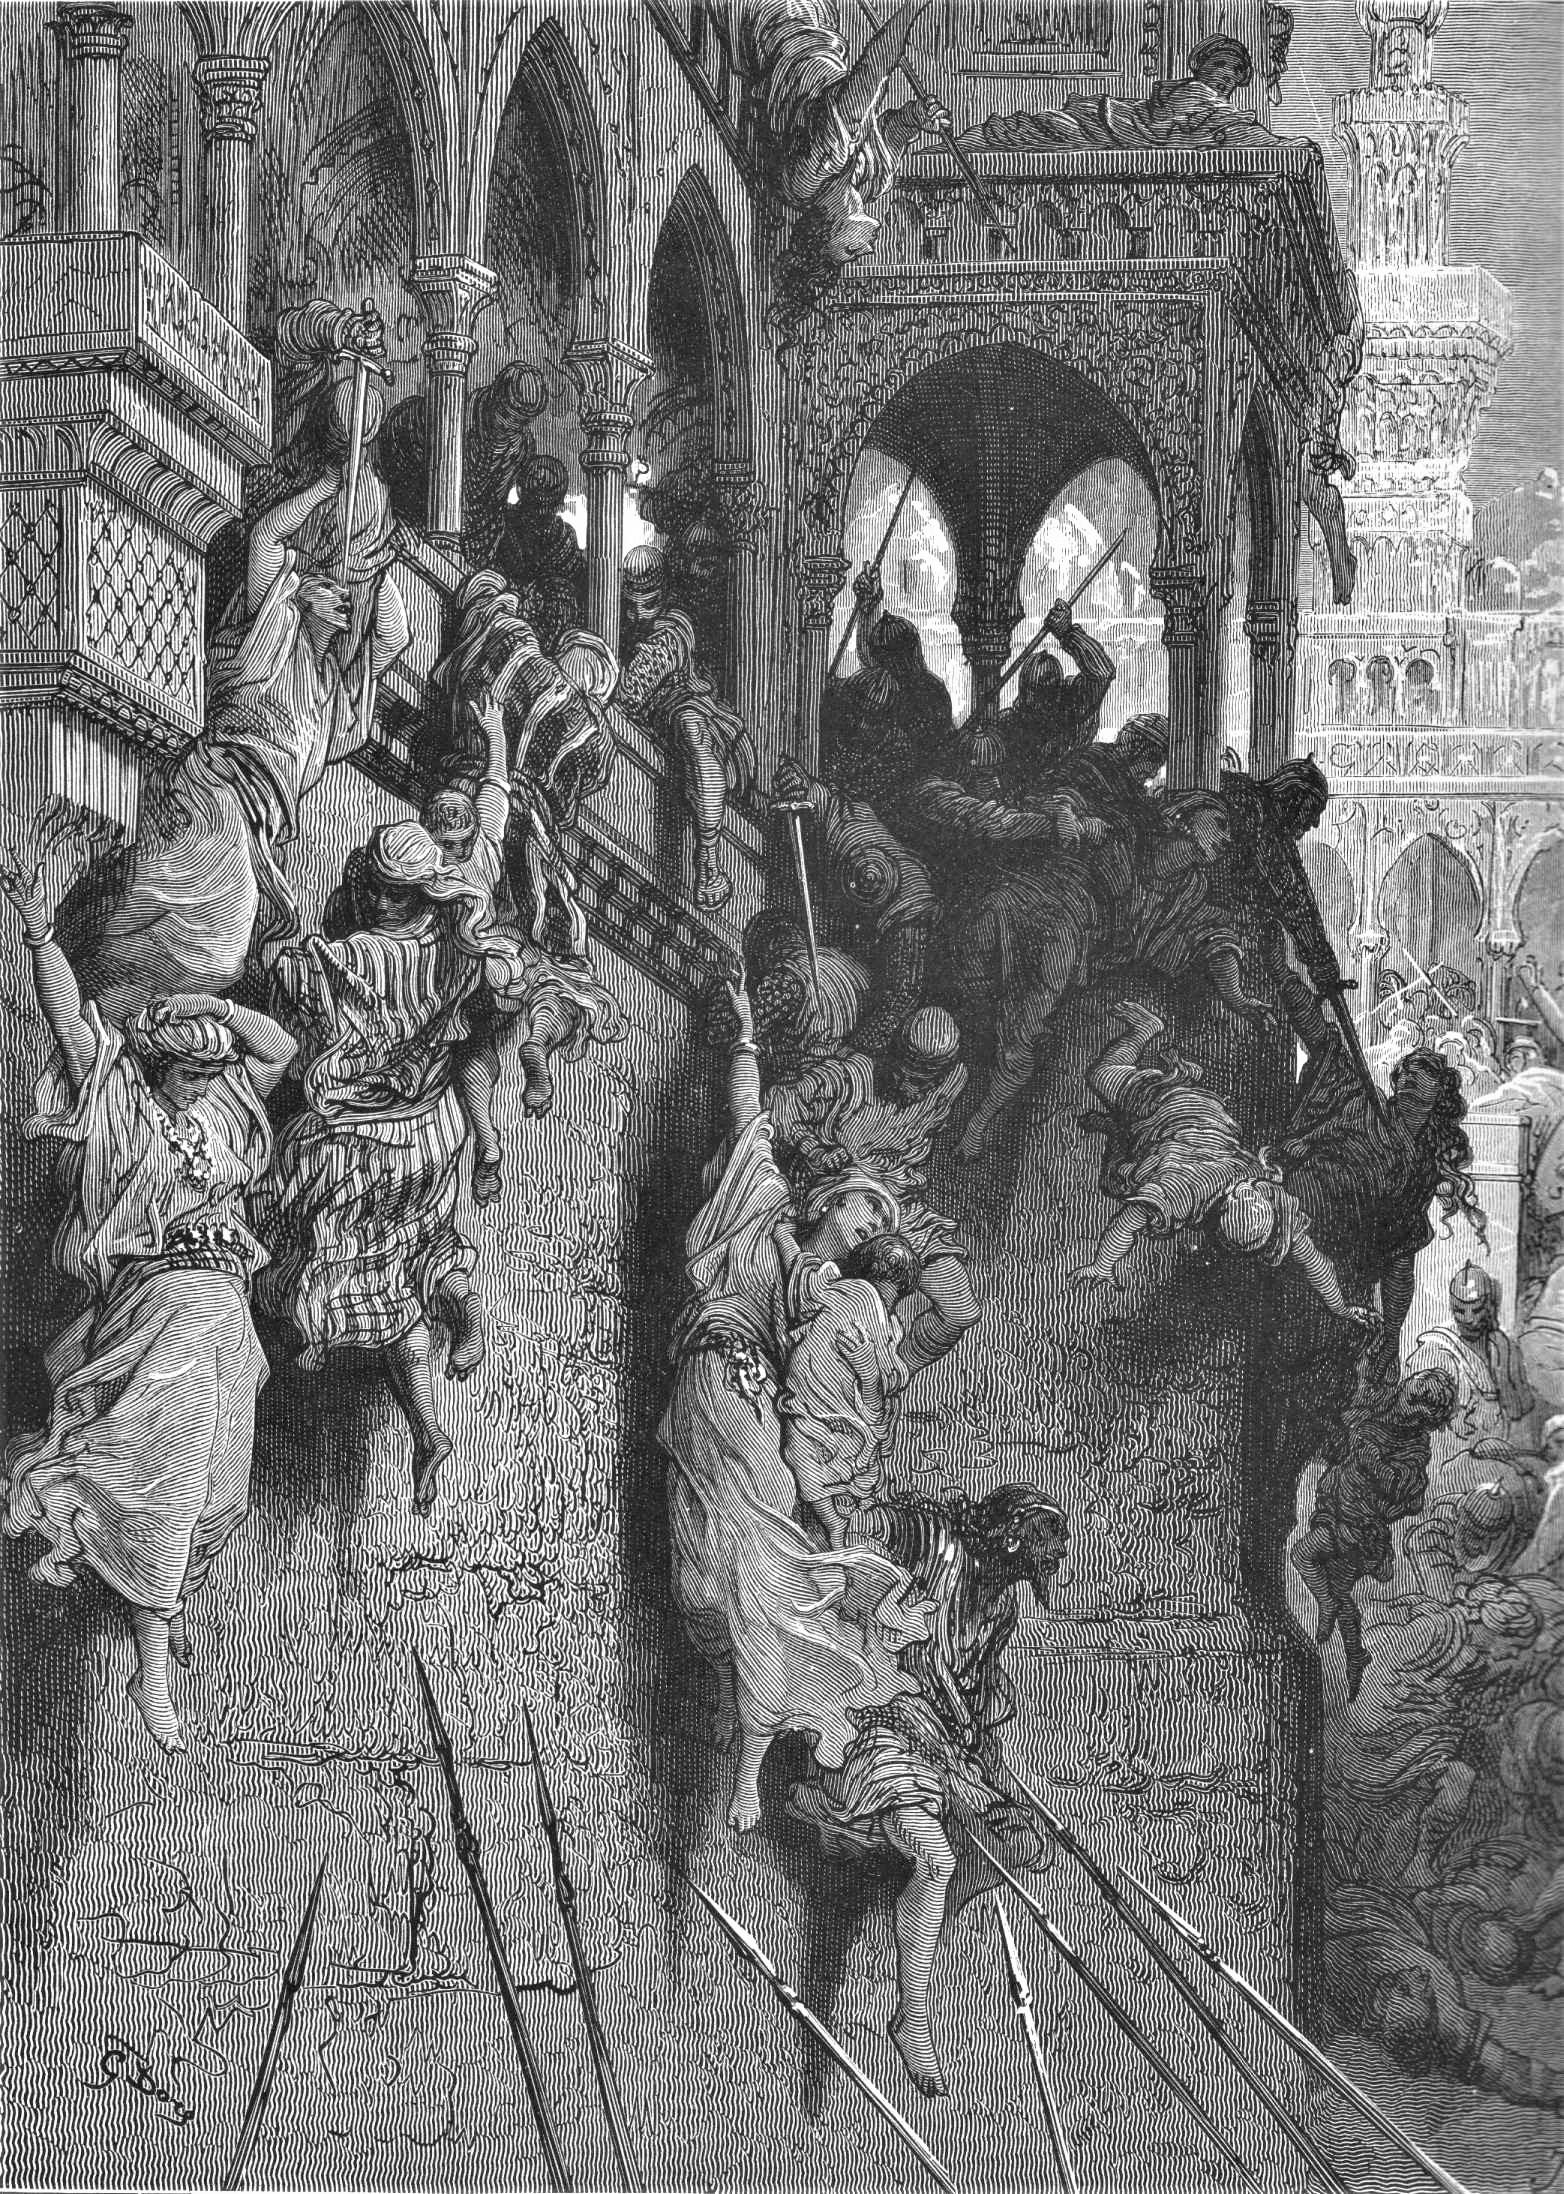 La masacre de Antioquía. Gustave Doré. Imagen de Wikimedia Commons.